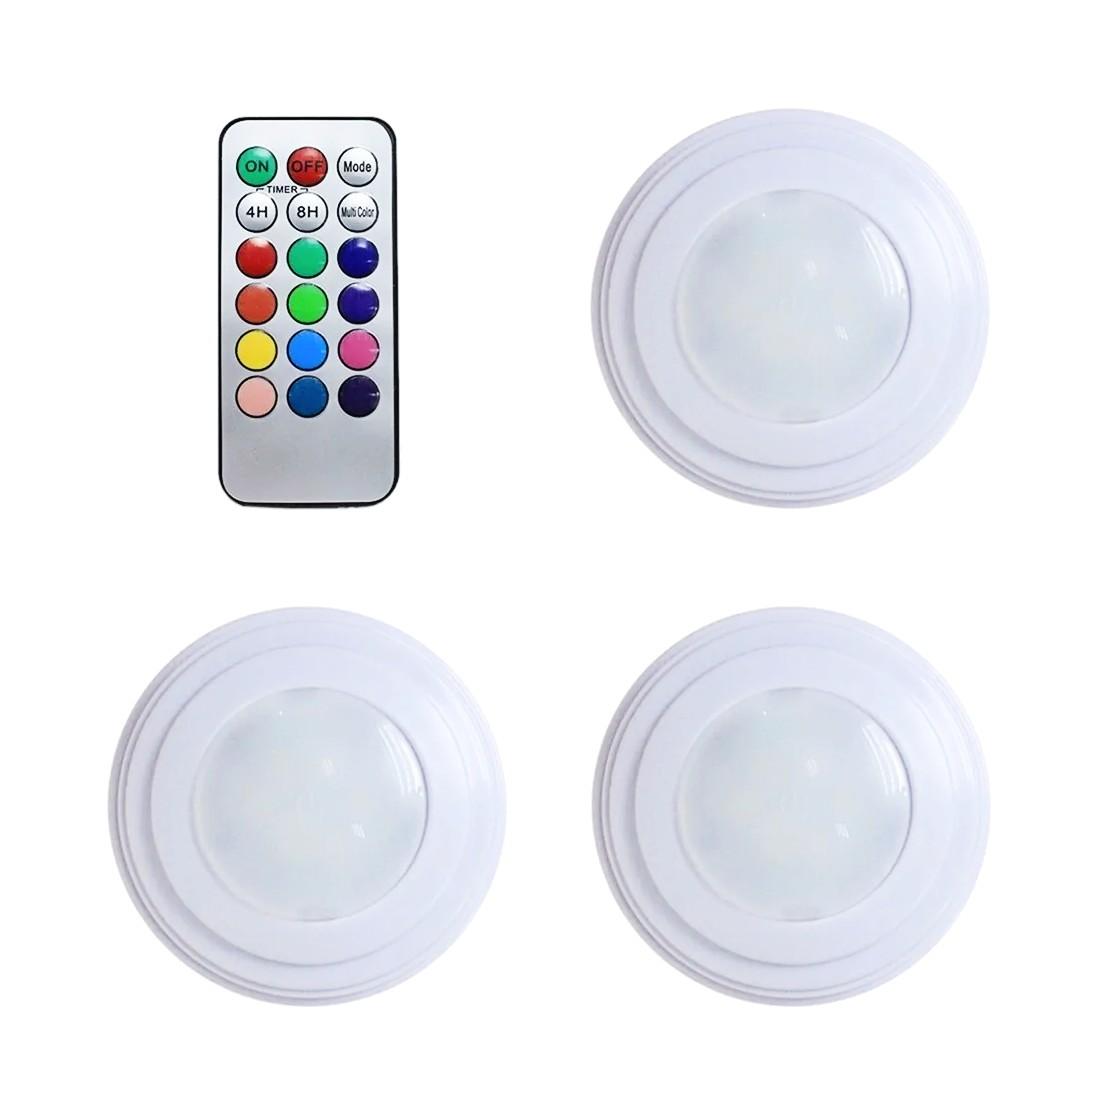 Kit 3 luminárias LED RGB com controle remoto